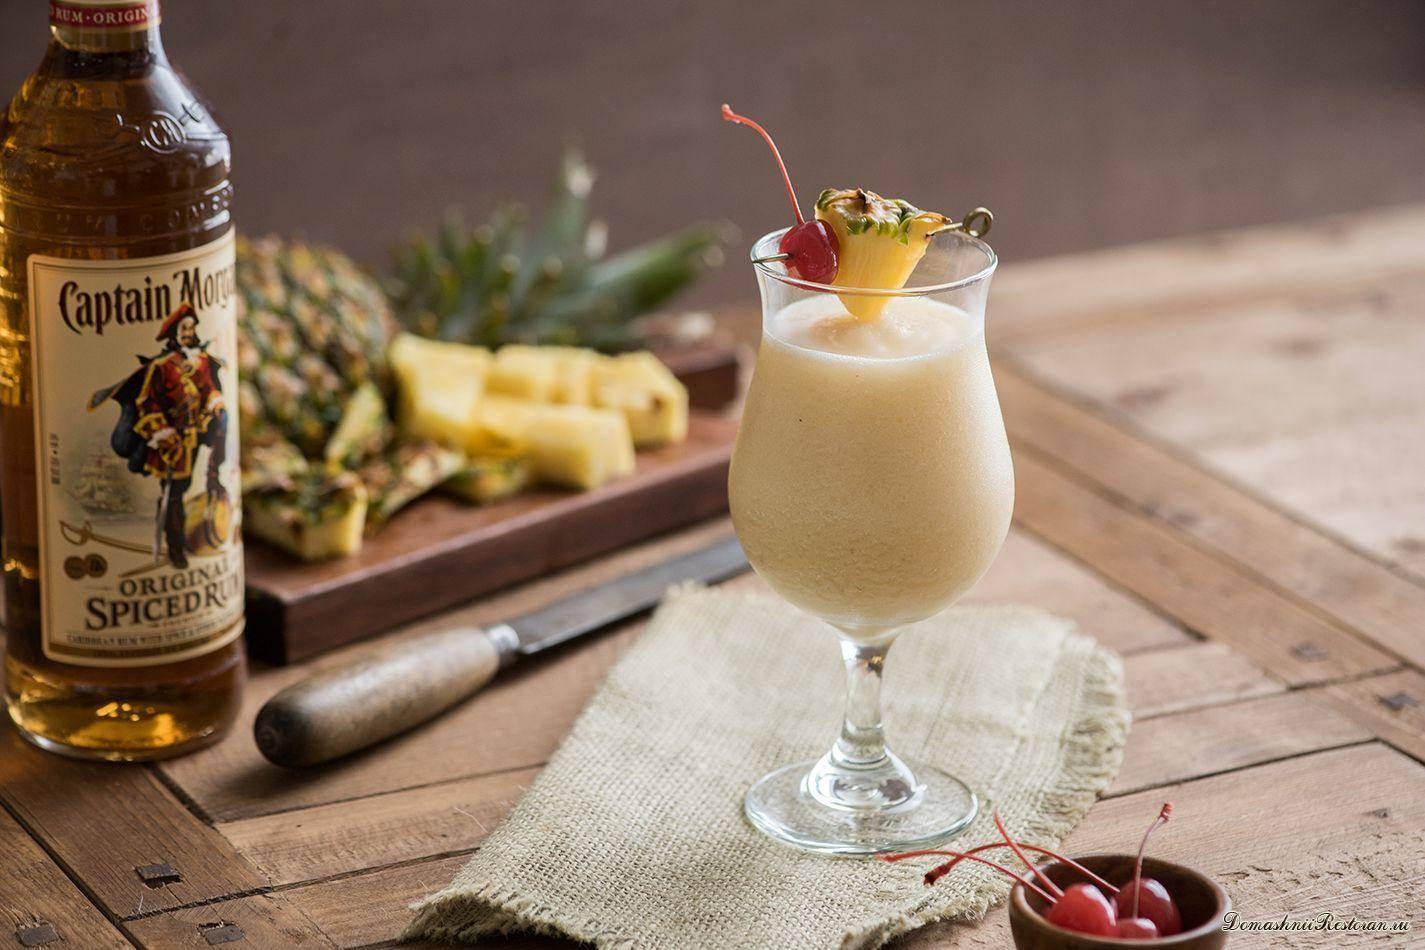 Пина колада: состав коктейля, рецепт приготовления в домашних условиях